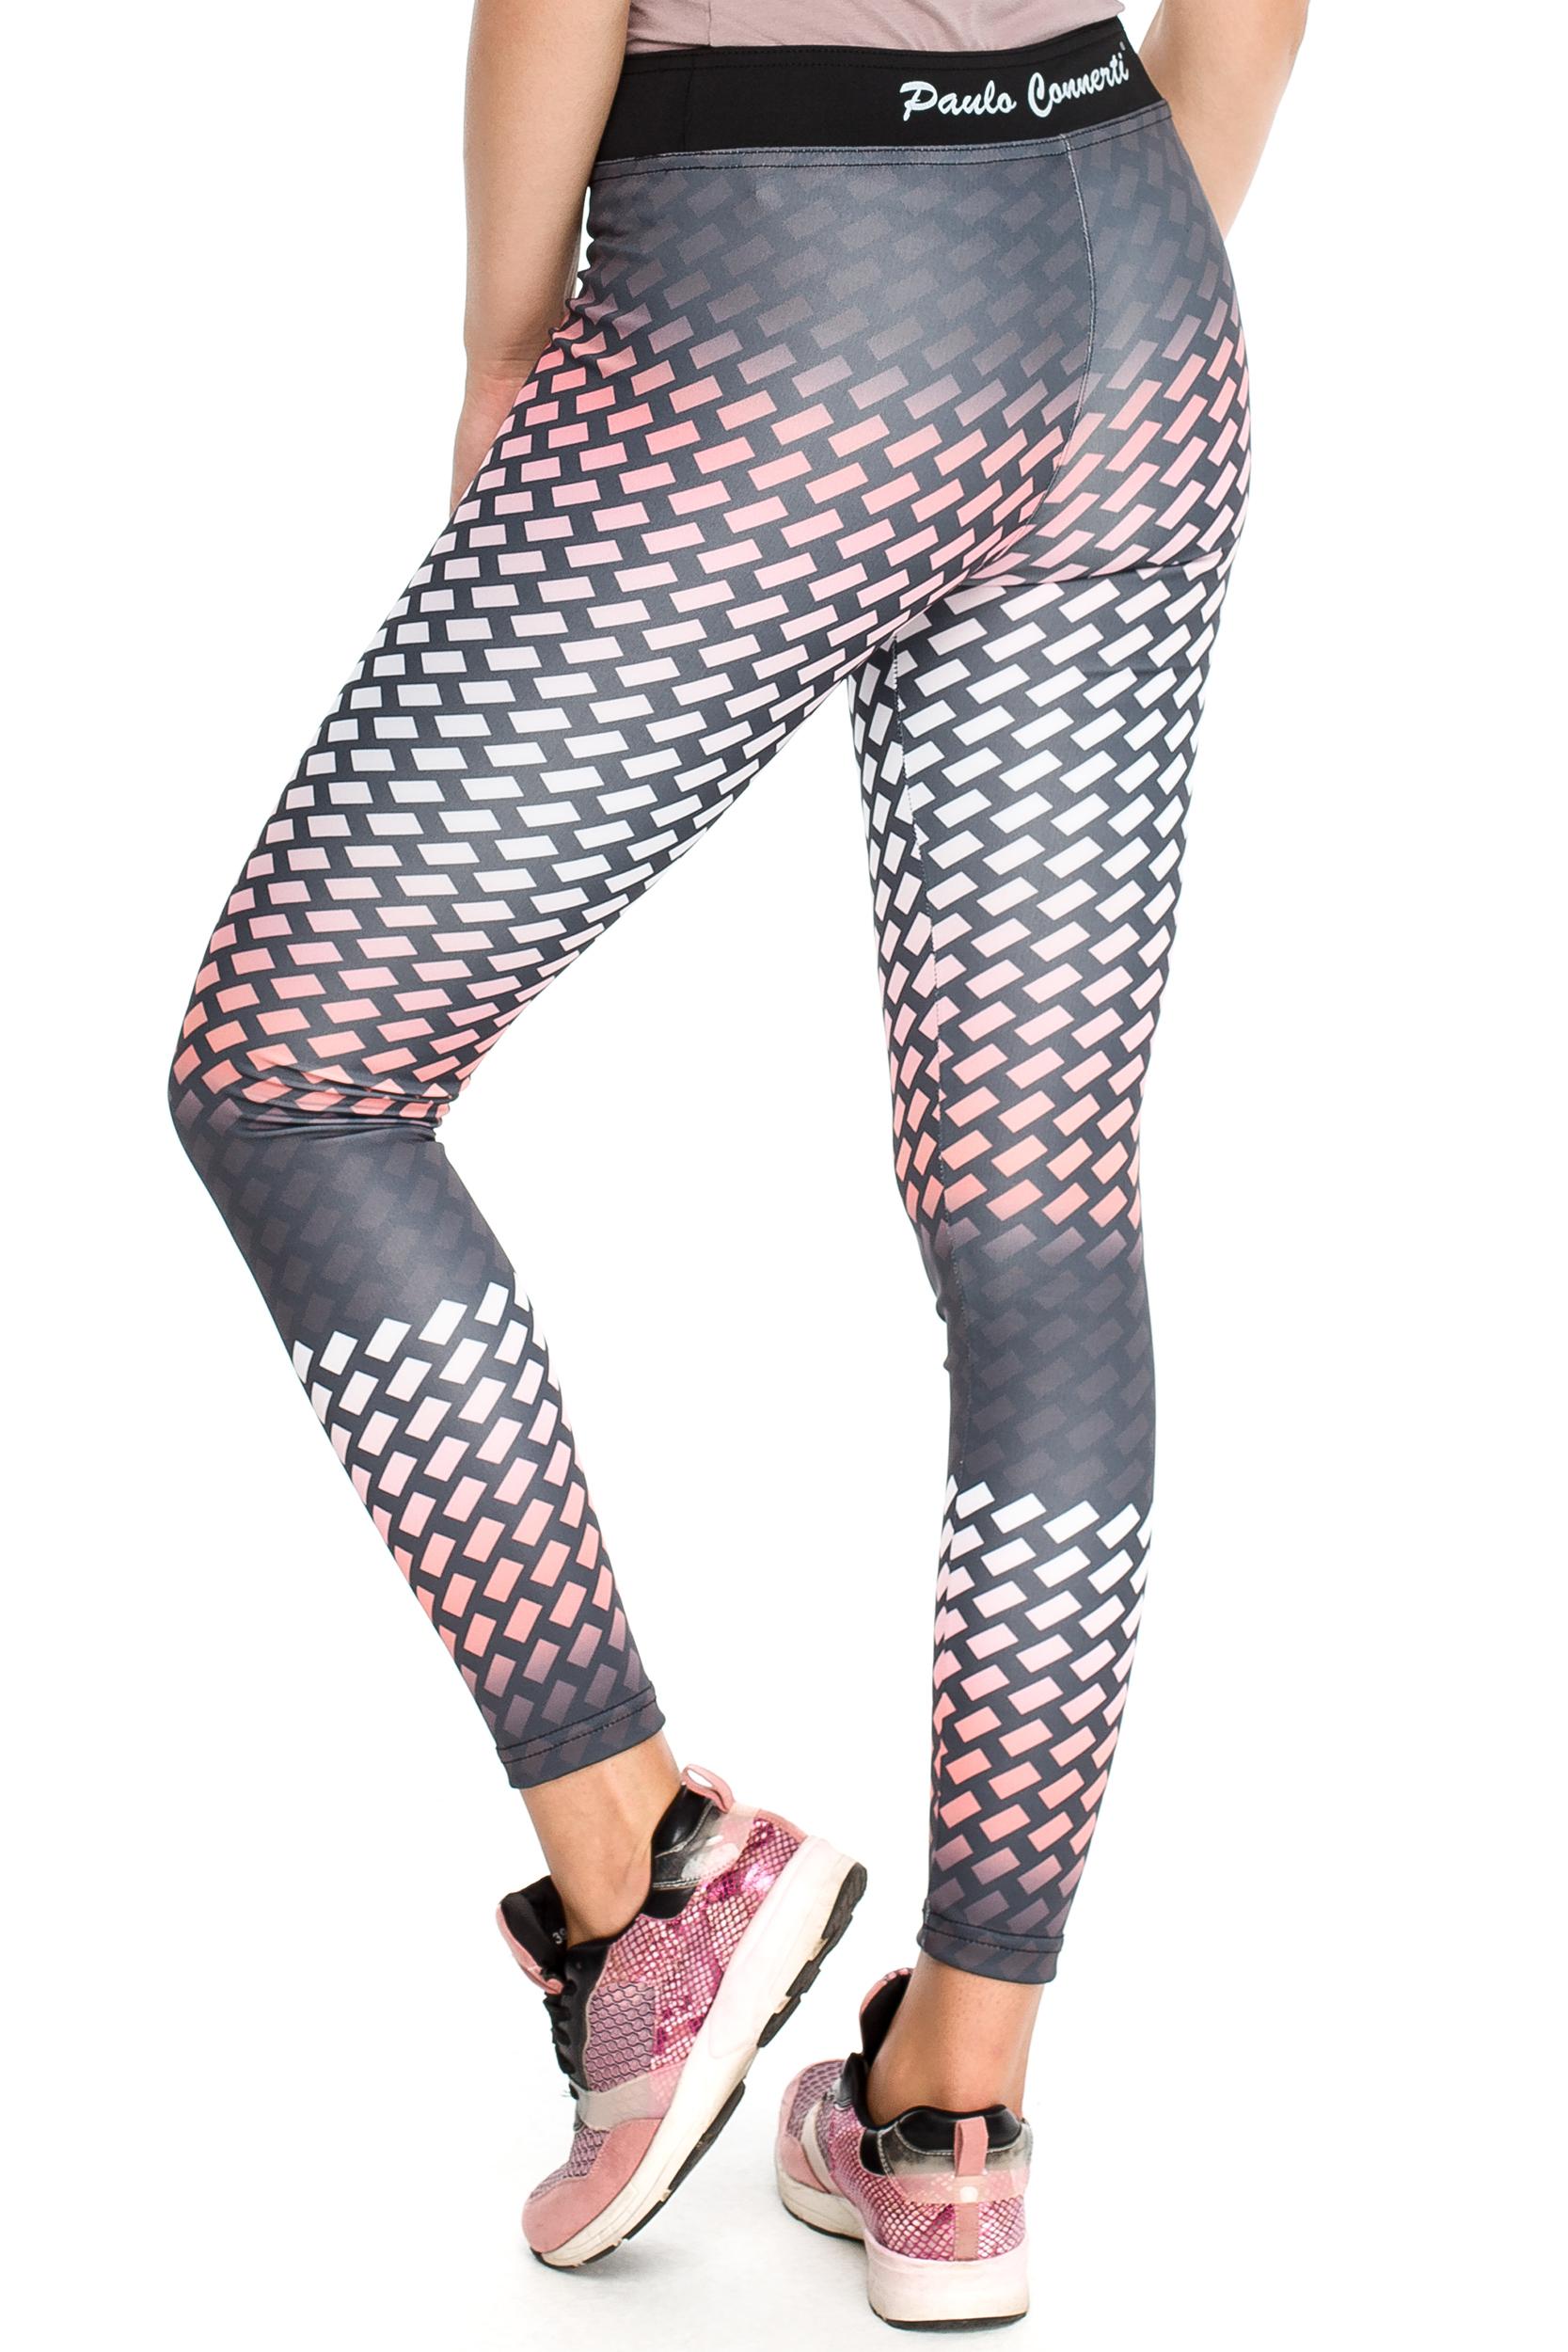 CM3904 Modne elastyczne legginsy na fitness